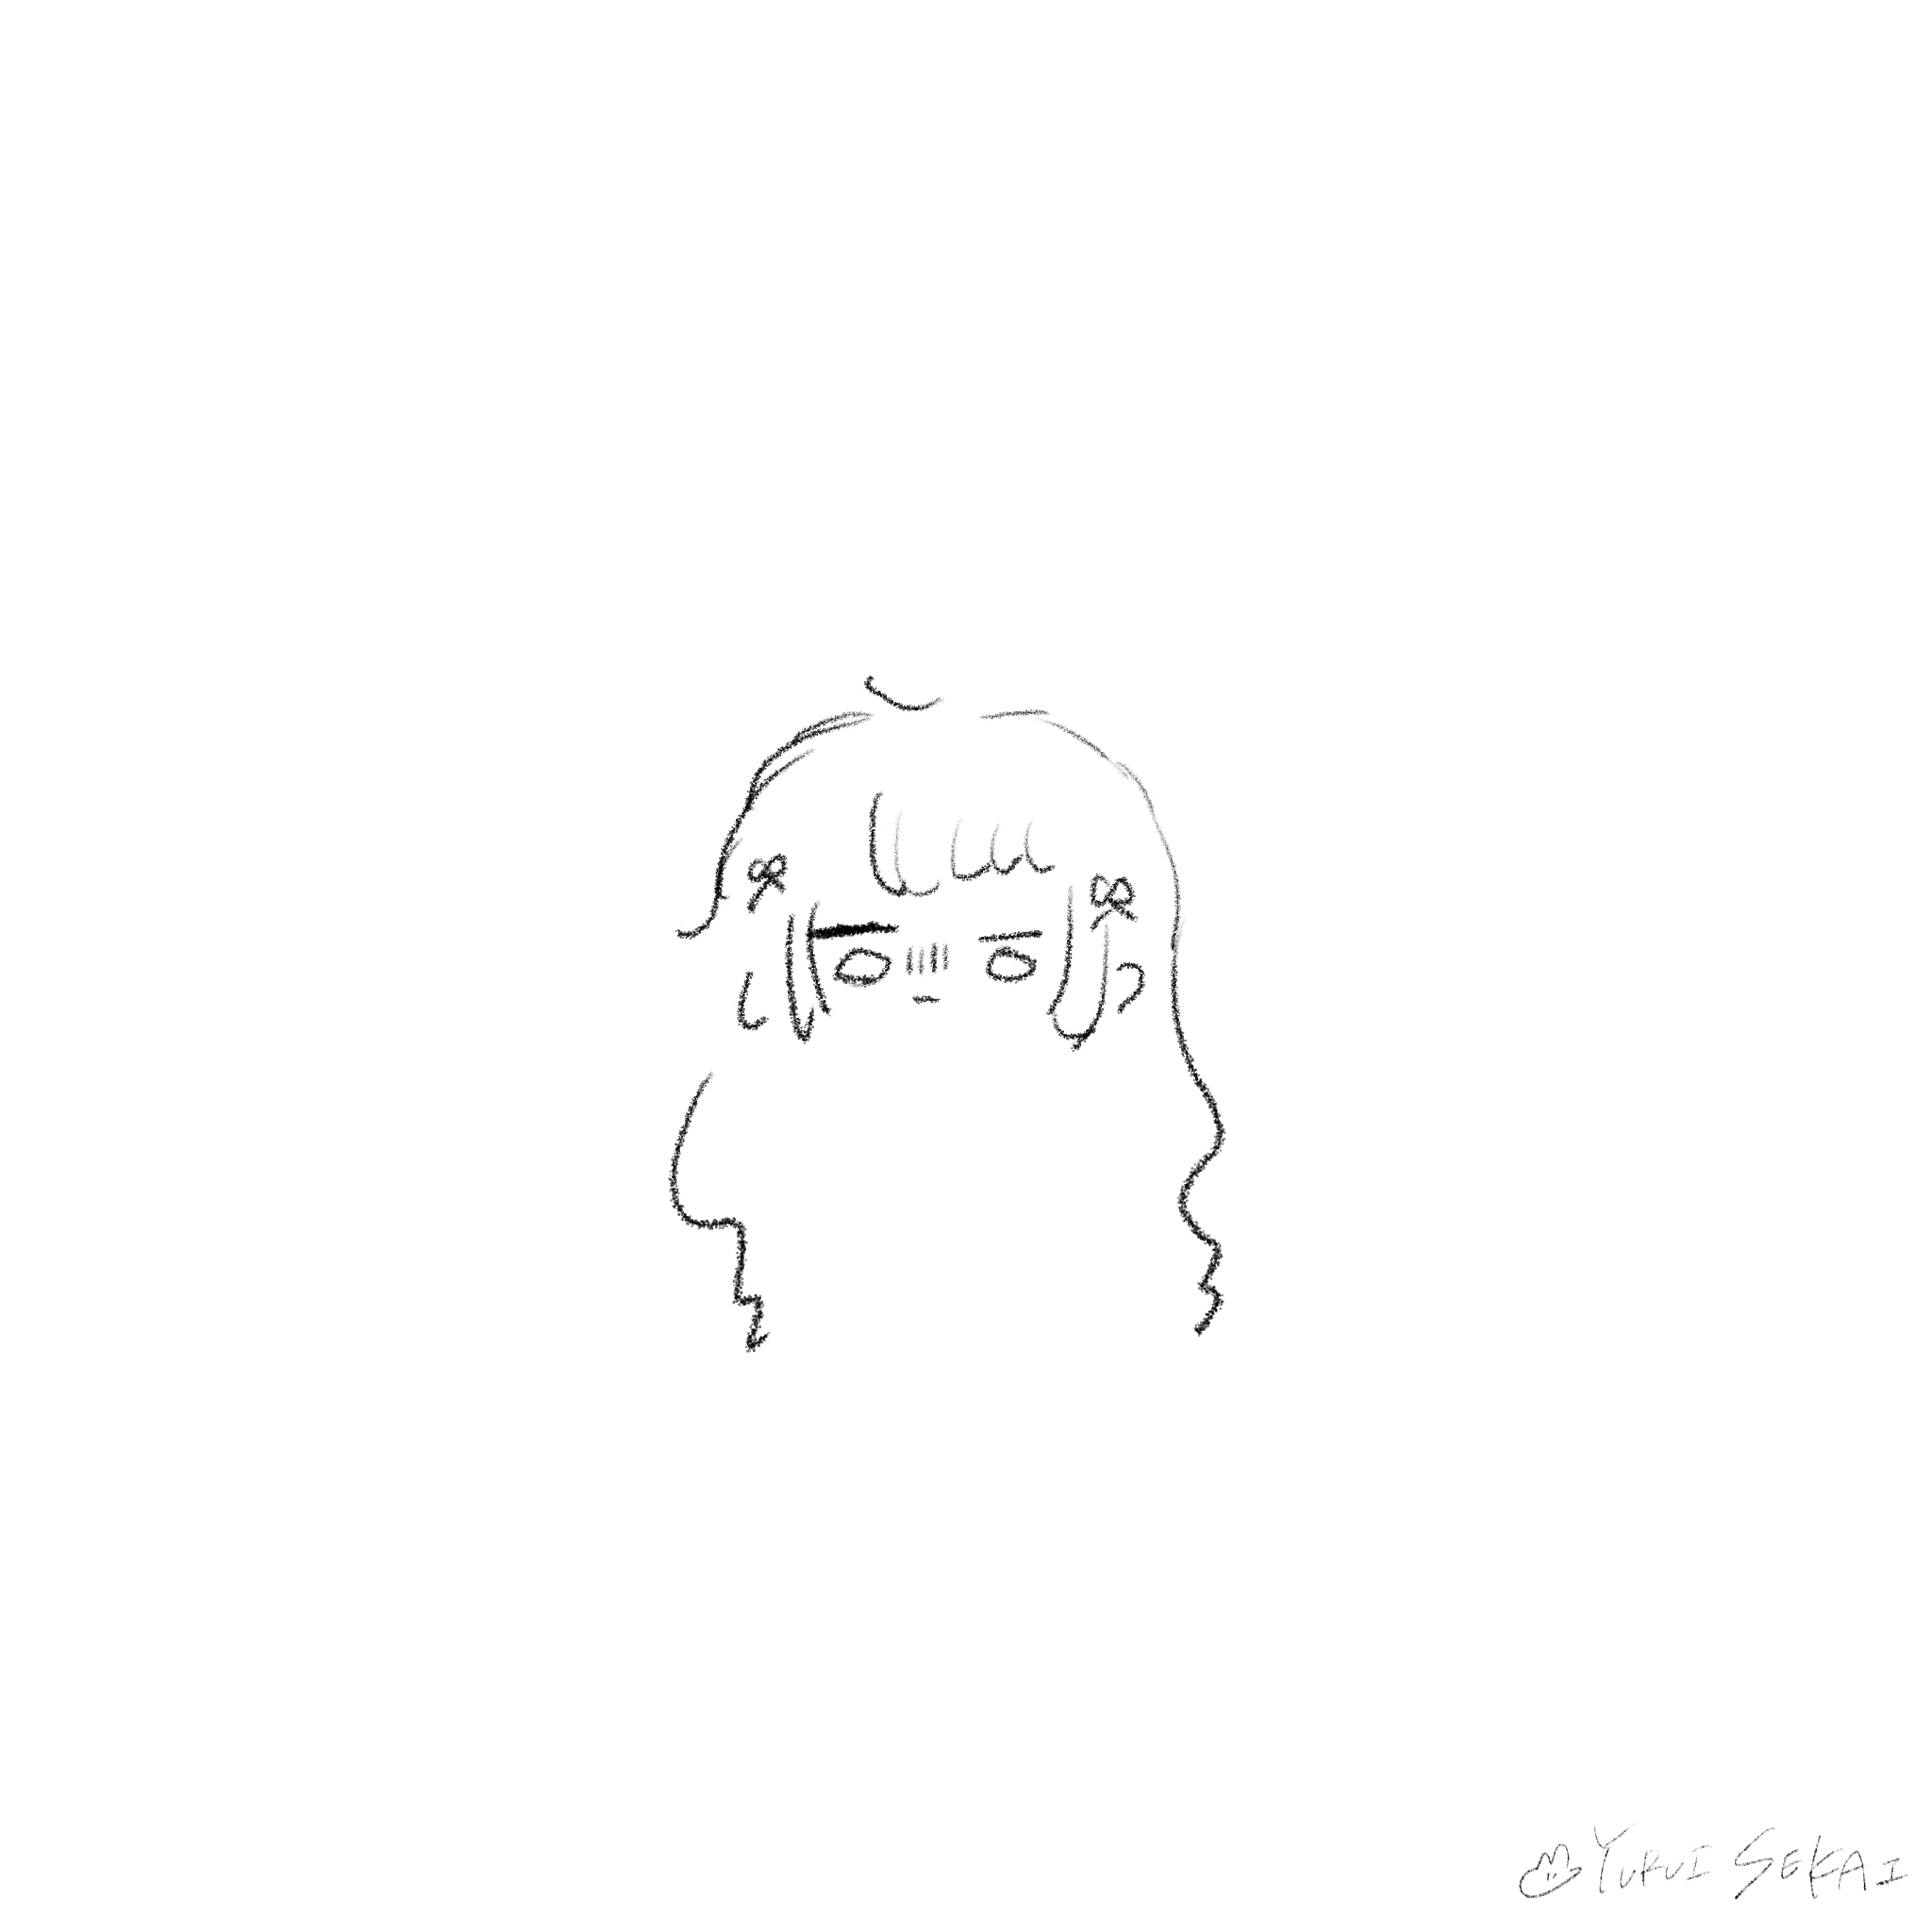 【フリー素材】ゆるいせかいのちいさなイラストをまとめました【ゆるいイラスト】女の子